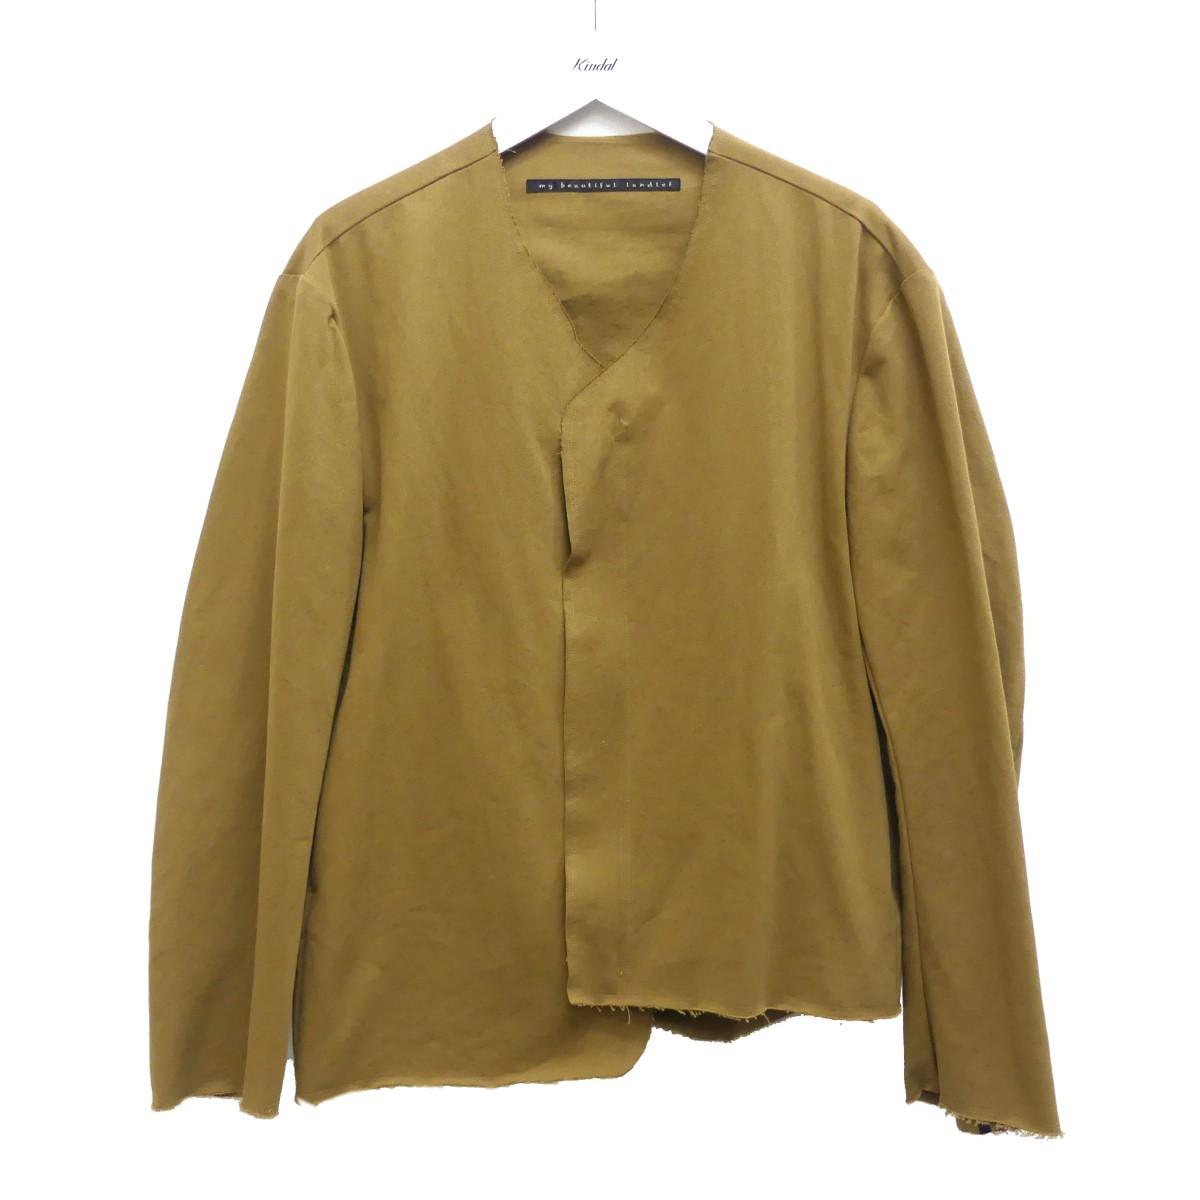 【中古】my beautiful landlet ジップアップジャケット ベージュ サイズ:1 【080720】(マイ ビューティフル ランドレット)